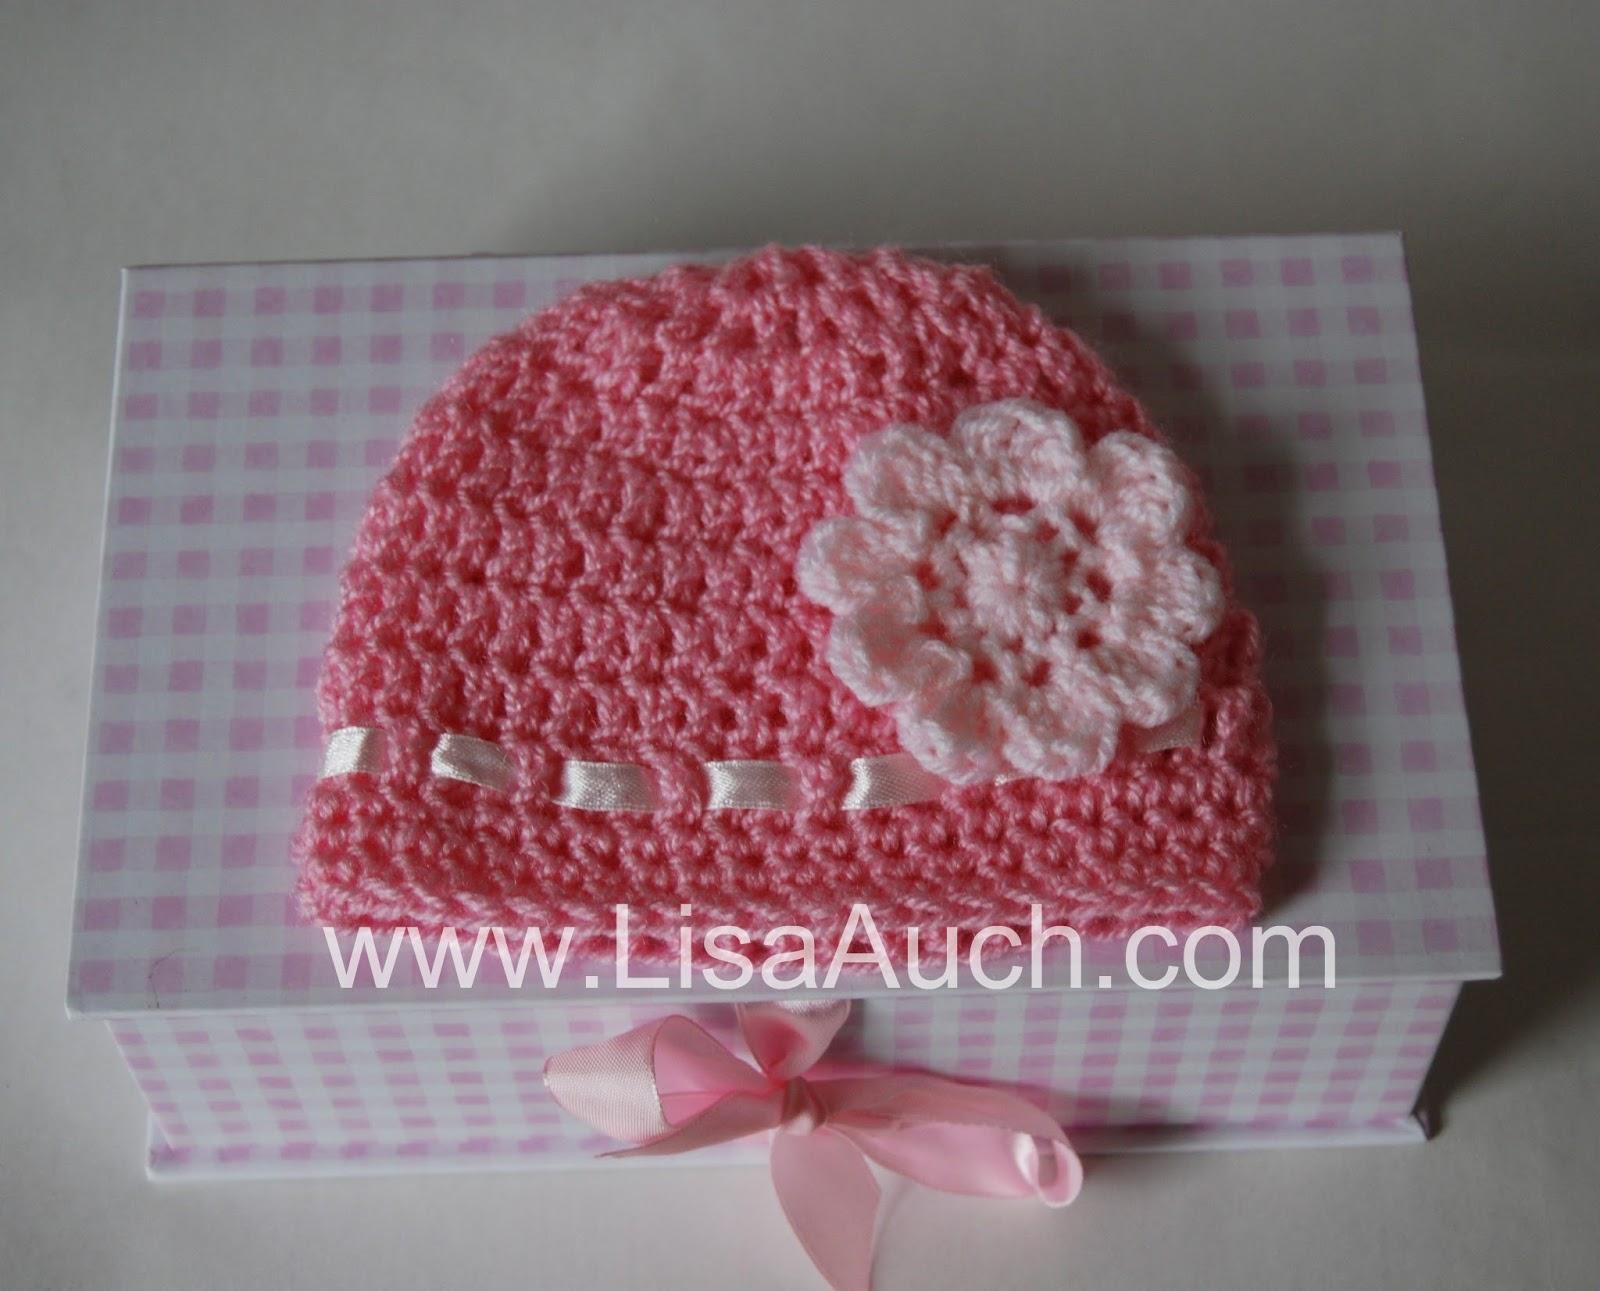 61010f1d89d Double Crochet Baby Beanie Hat Pattern 12-18 months (1- 1 1 2 year Old)  FREE Crochet Pattern